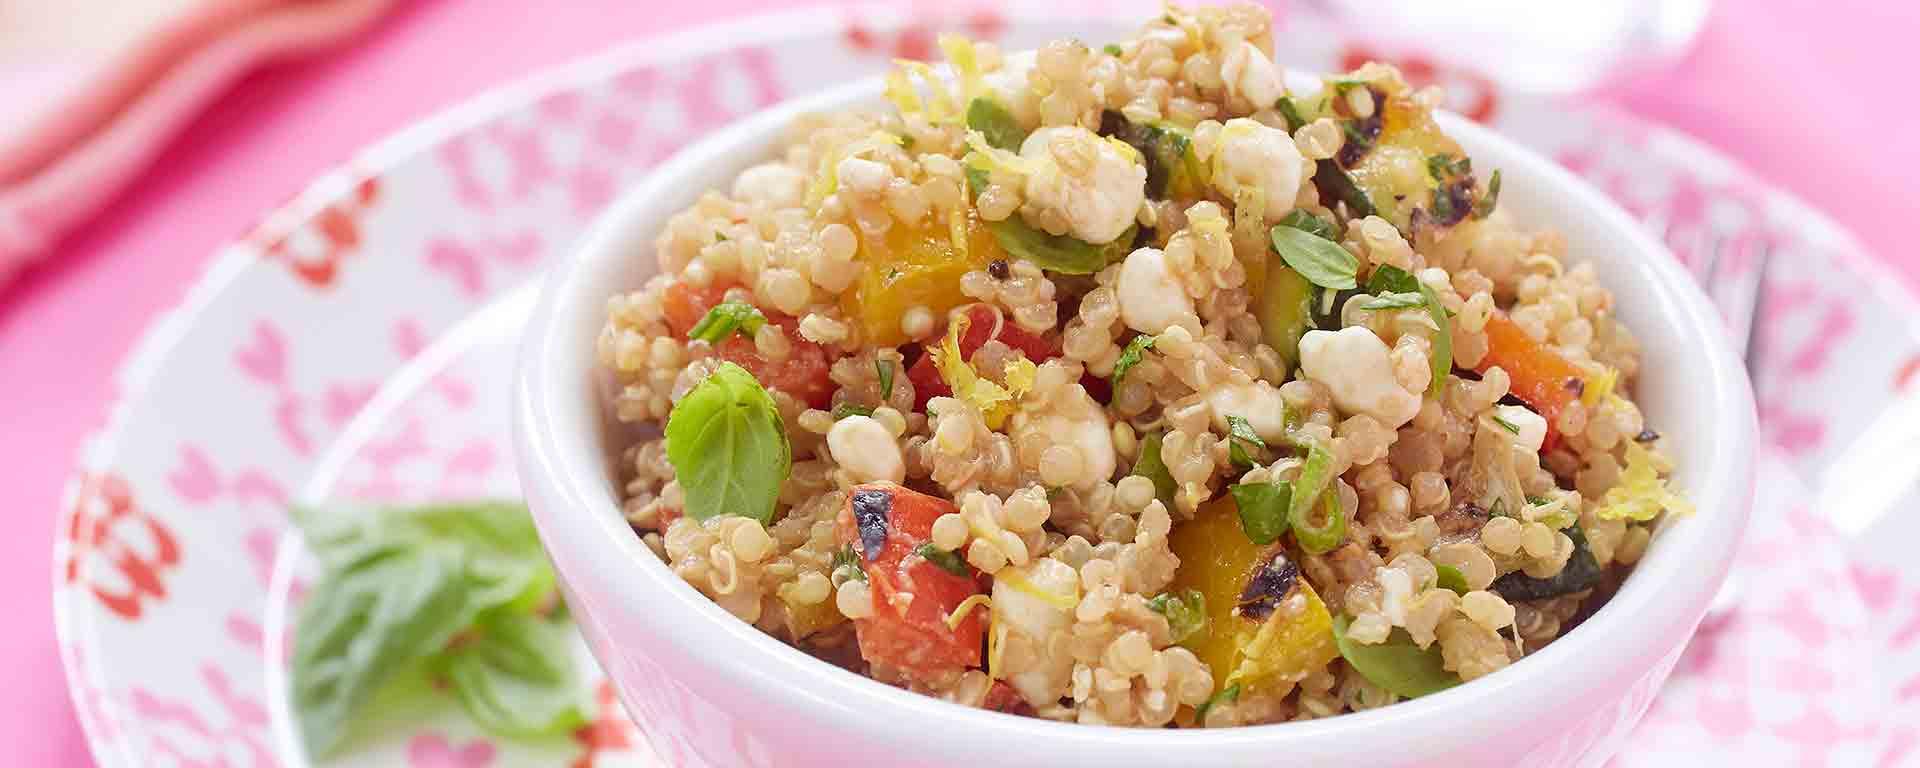 Photo for - Salade au quinoa avec légumes grillés et fromage cottage